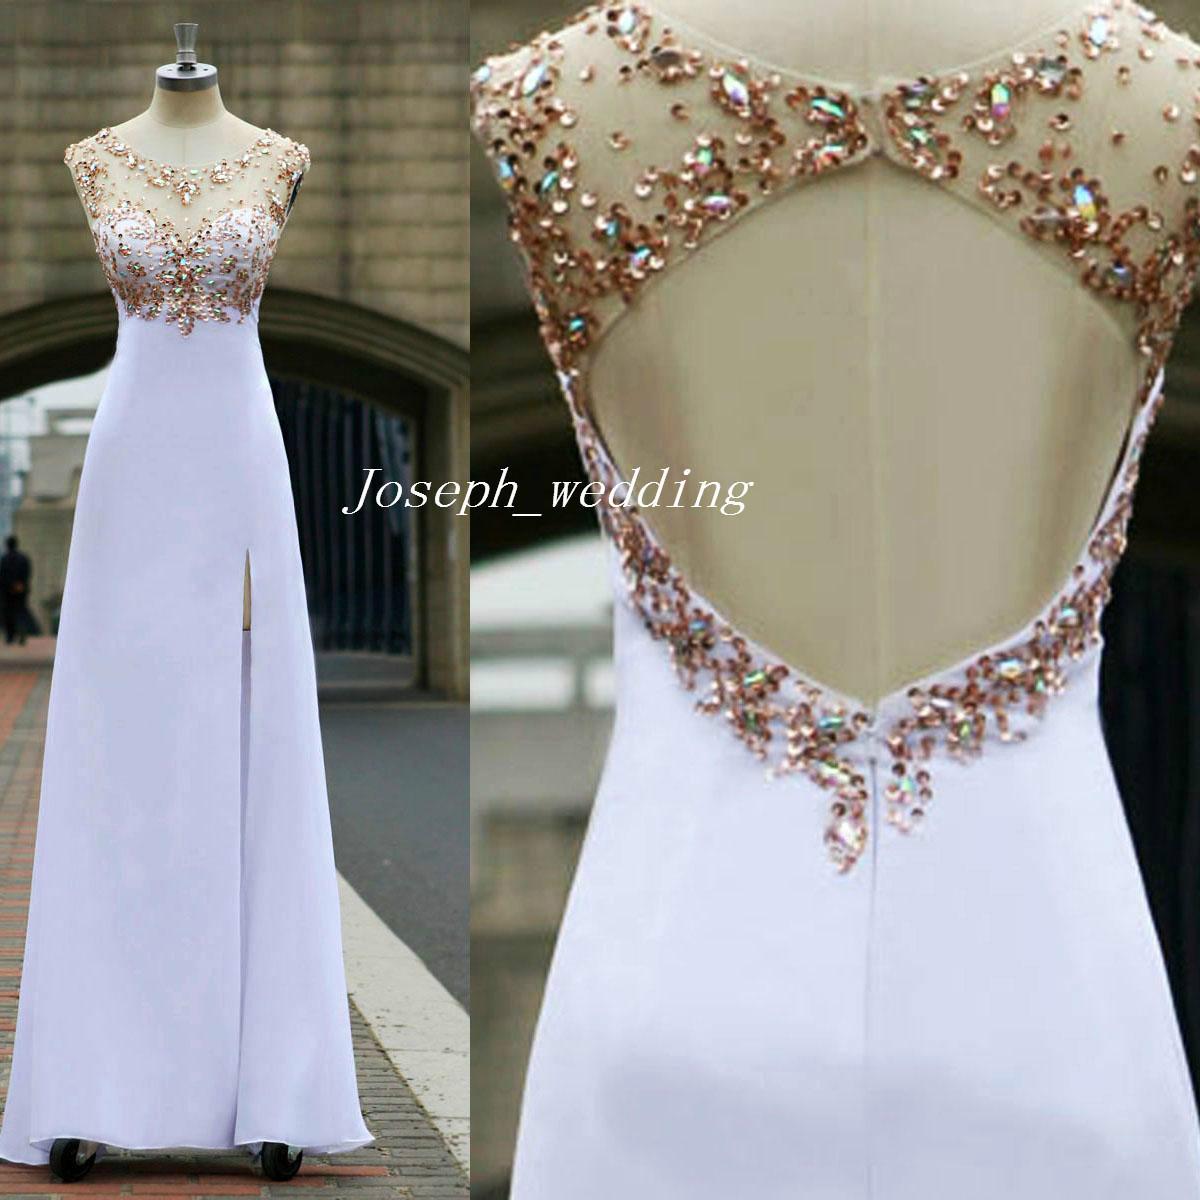 Envío gratis vestido de fiesta 2017 perlas cristales corpiño escarpado espalda abierta lentejuelas largas hendidura lateral gasa vestido de fiesta por la noche WH487